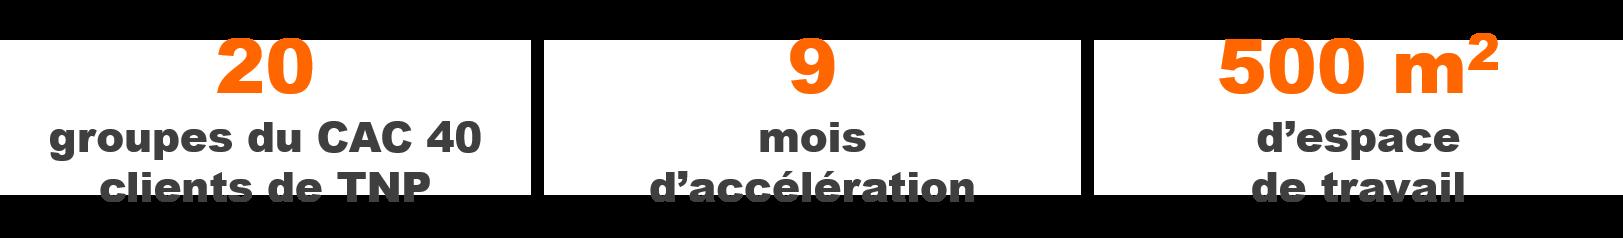 20 groupes du CAC 40 clients de TNP . 9 mois d'acceleration . 500 m2 d'espace de travail